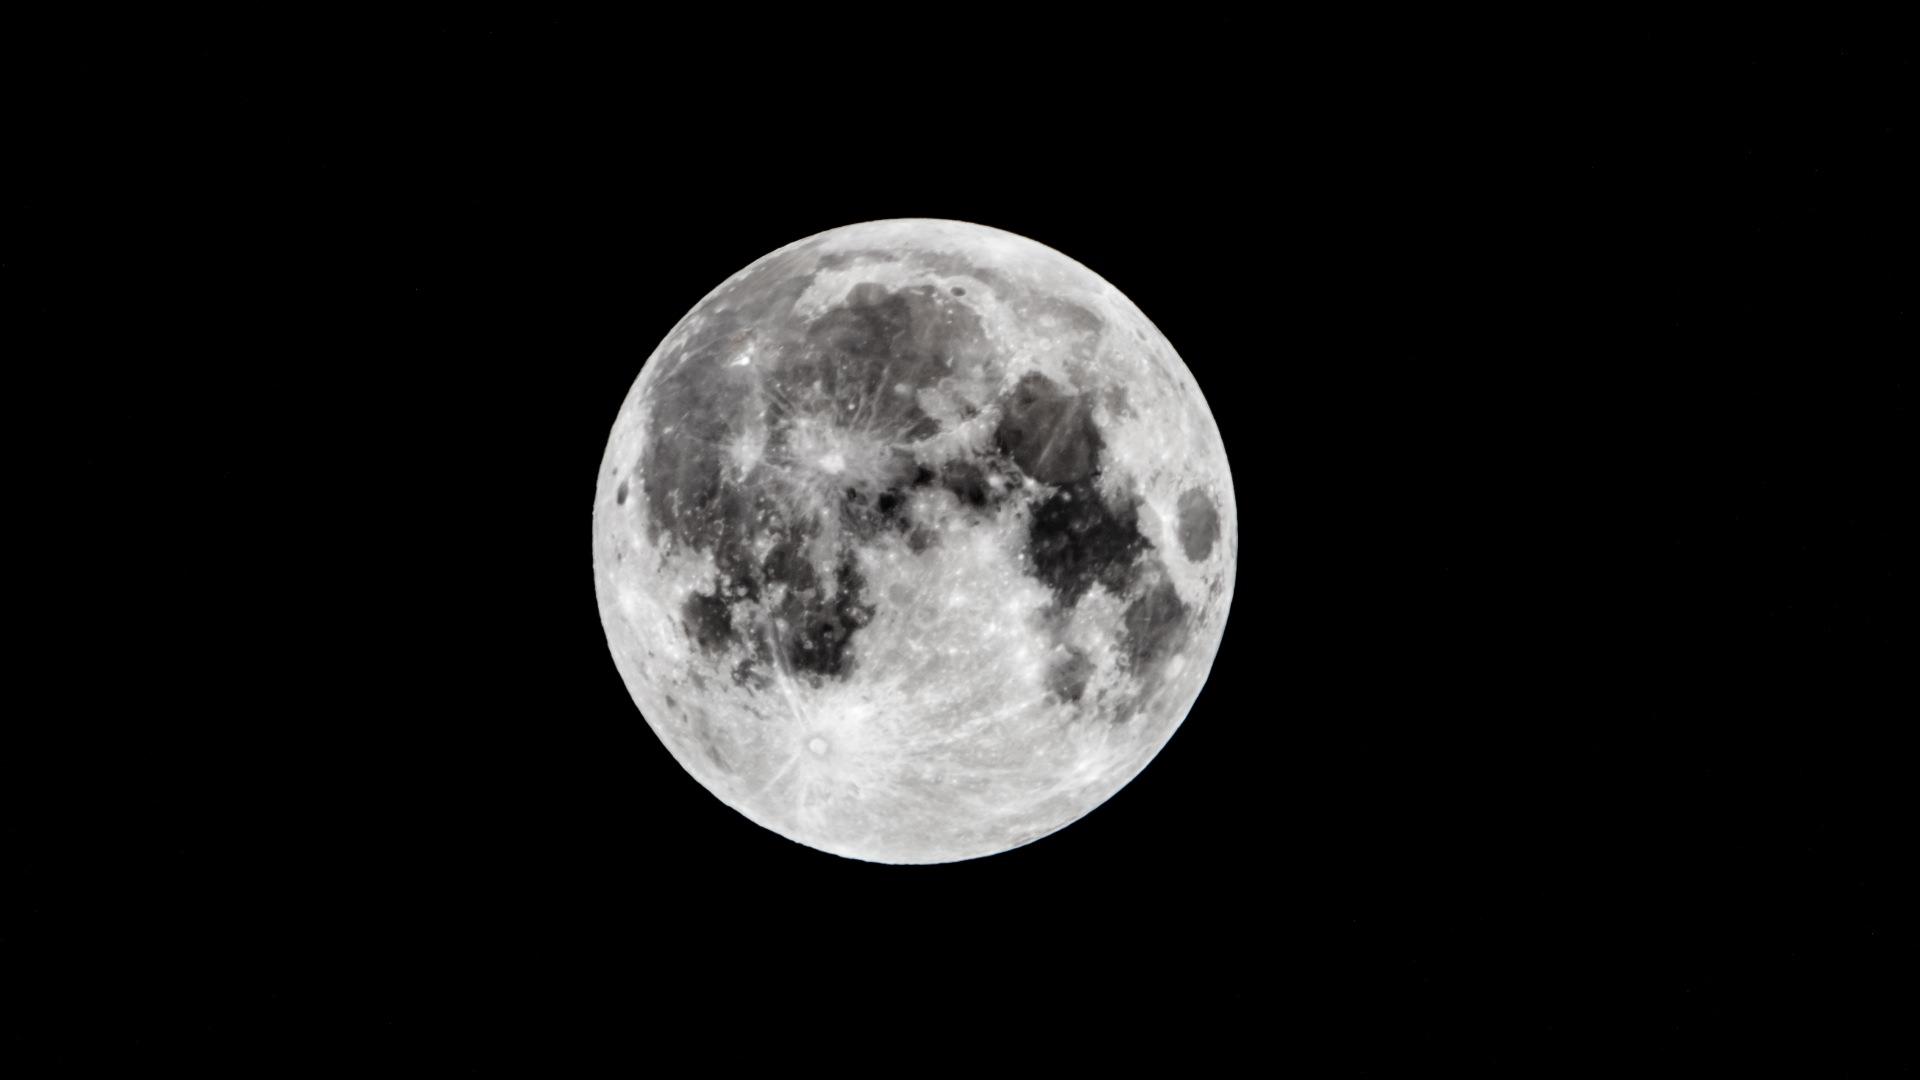 Opname van de maan gemaakt met de Canon 2X Extender EF III en de Canon 400mm f/2.8